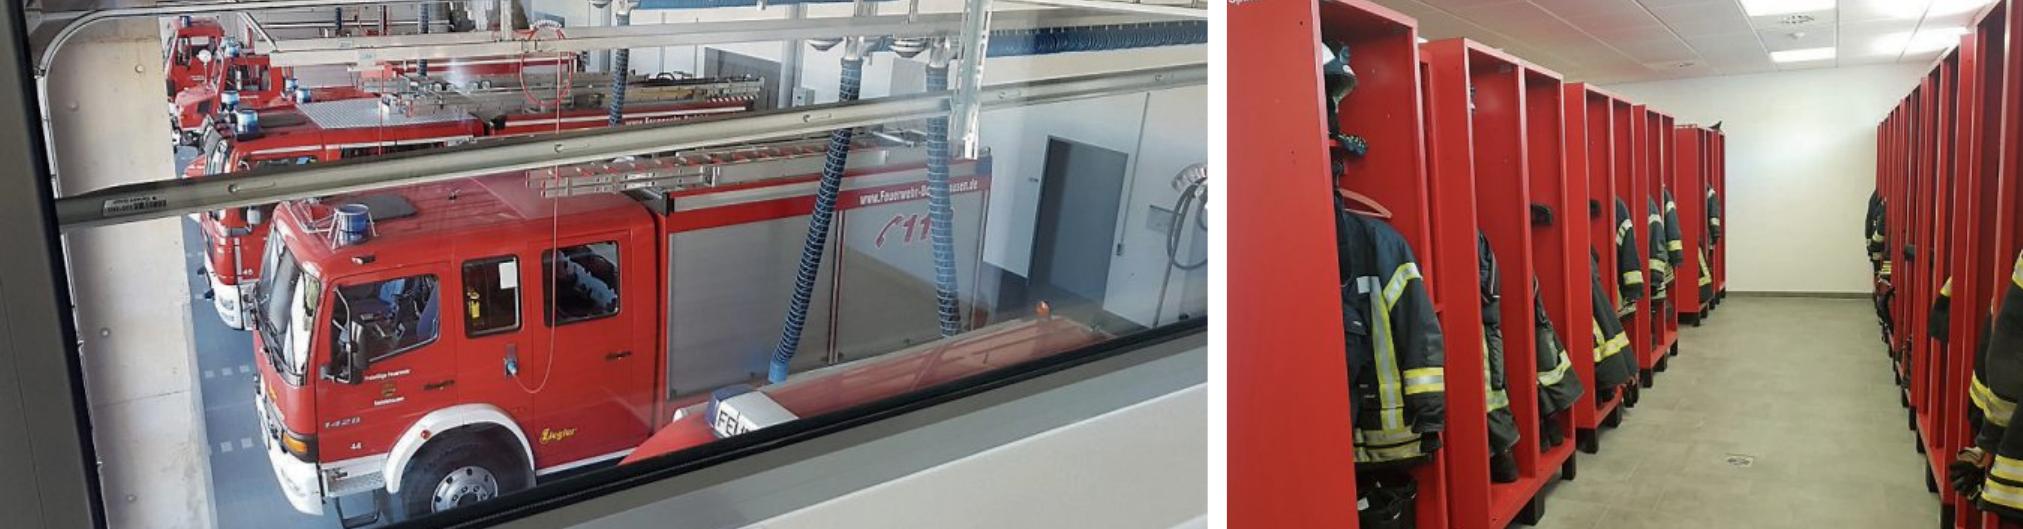 Die Einsatzfahrzeuge auf den Stellplätzen in der Fahrzeughalle und die neuen Spinde im Feuerwehrhaus. Bilder: Gemeinde Bodelshausen